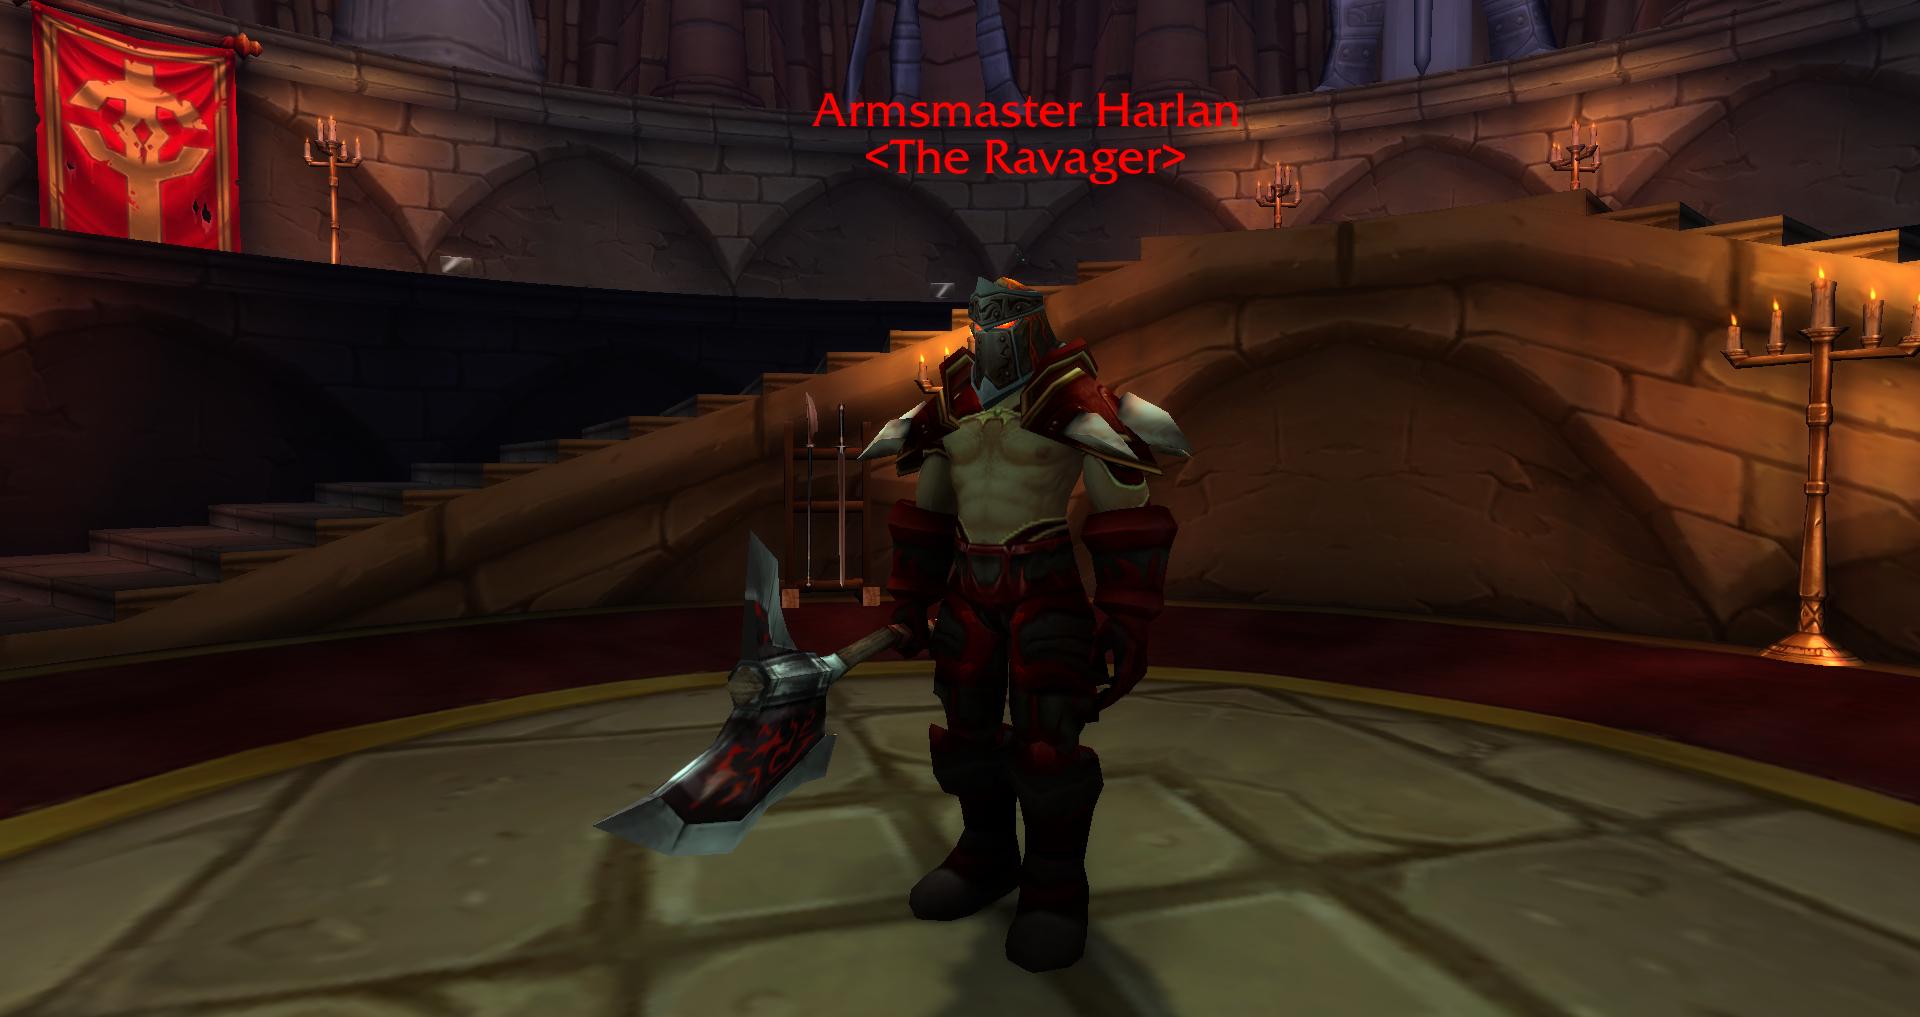 Armsmaster Harlan